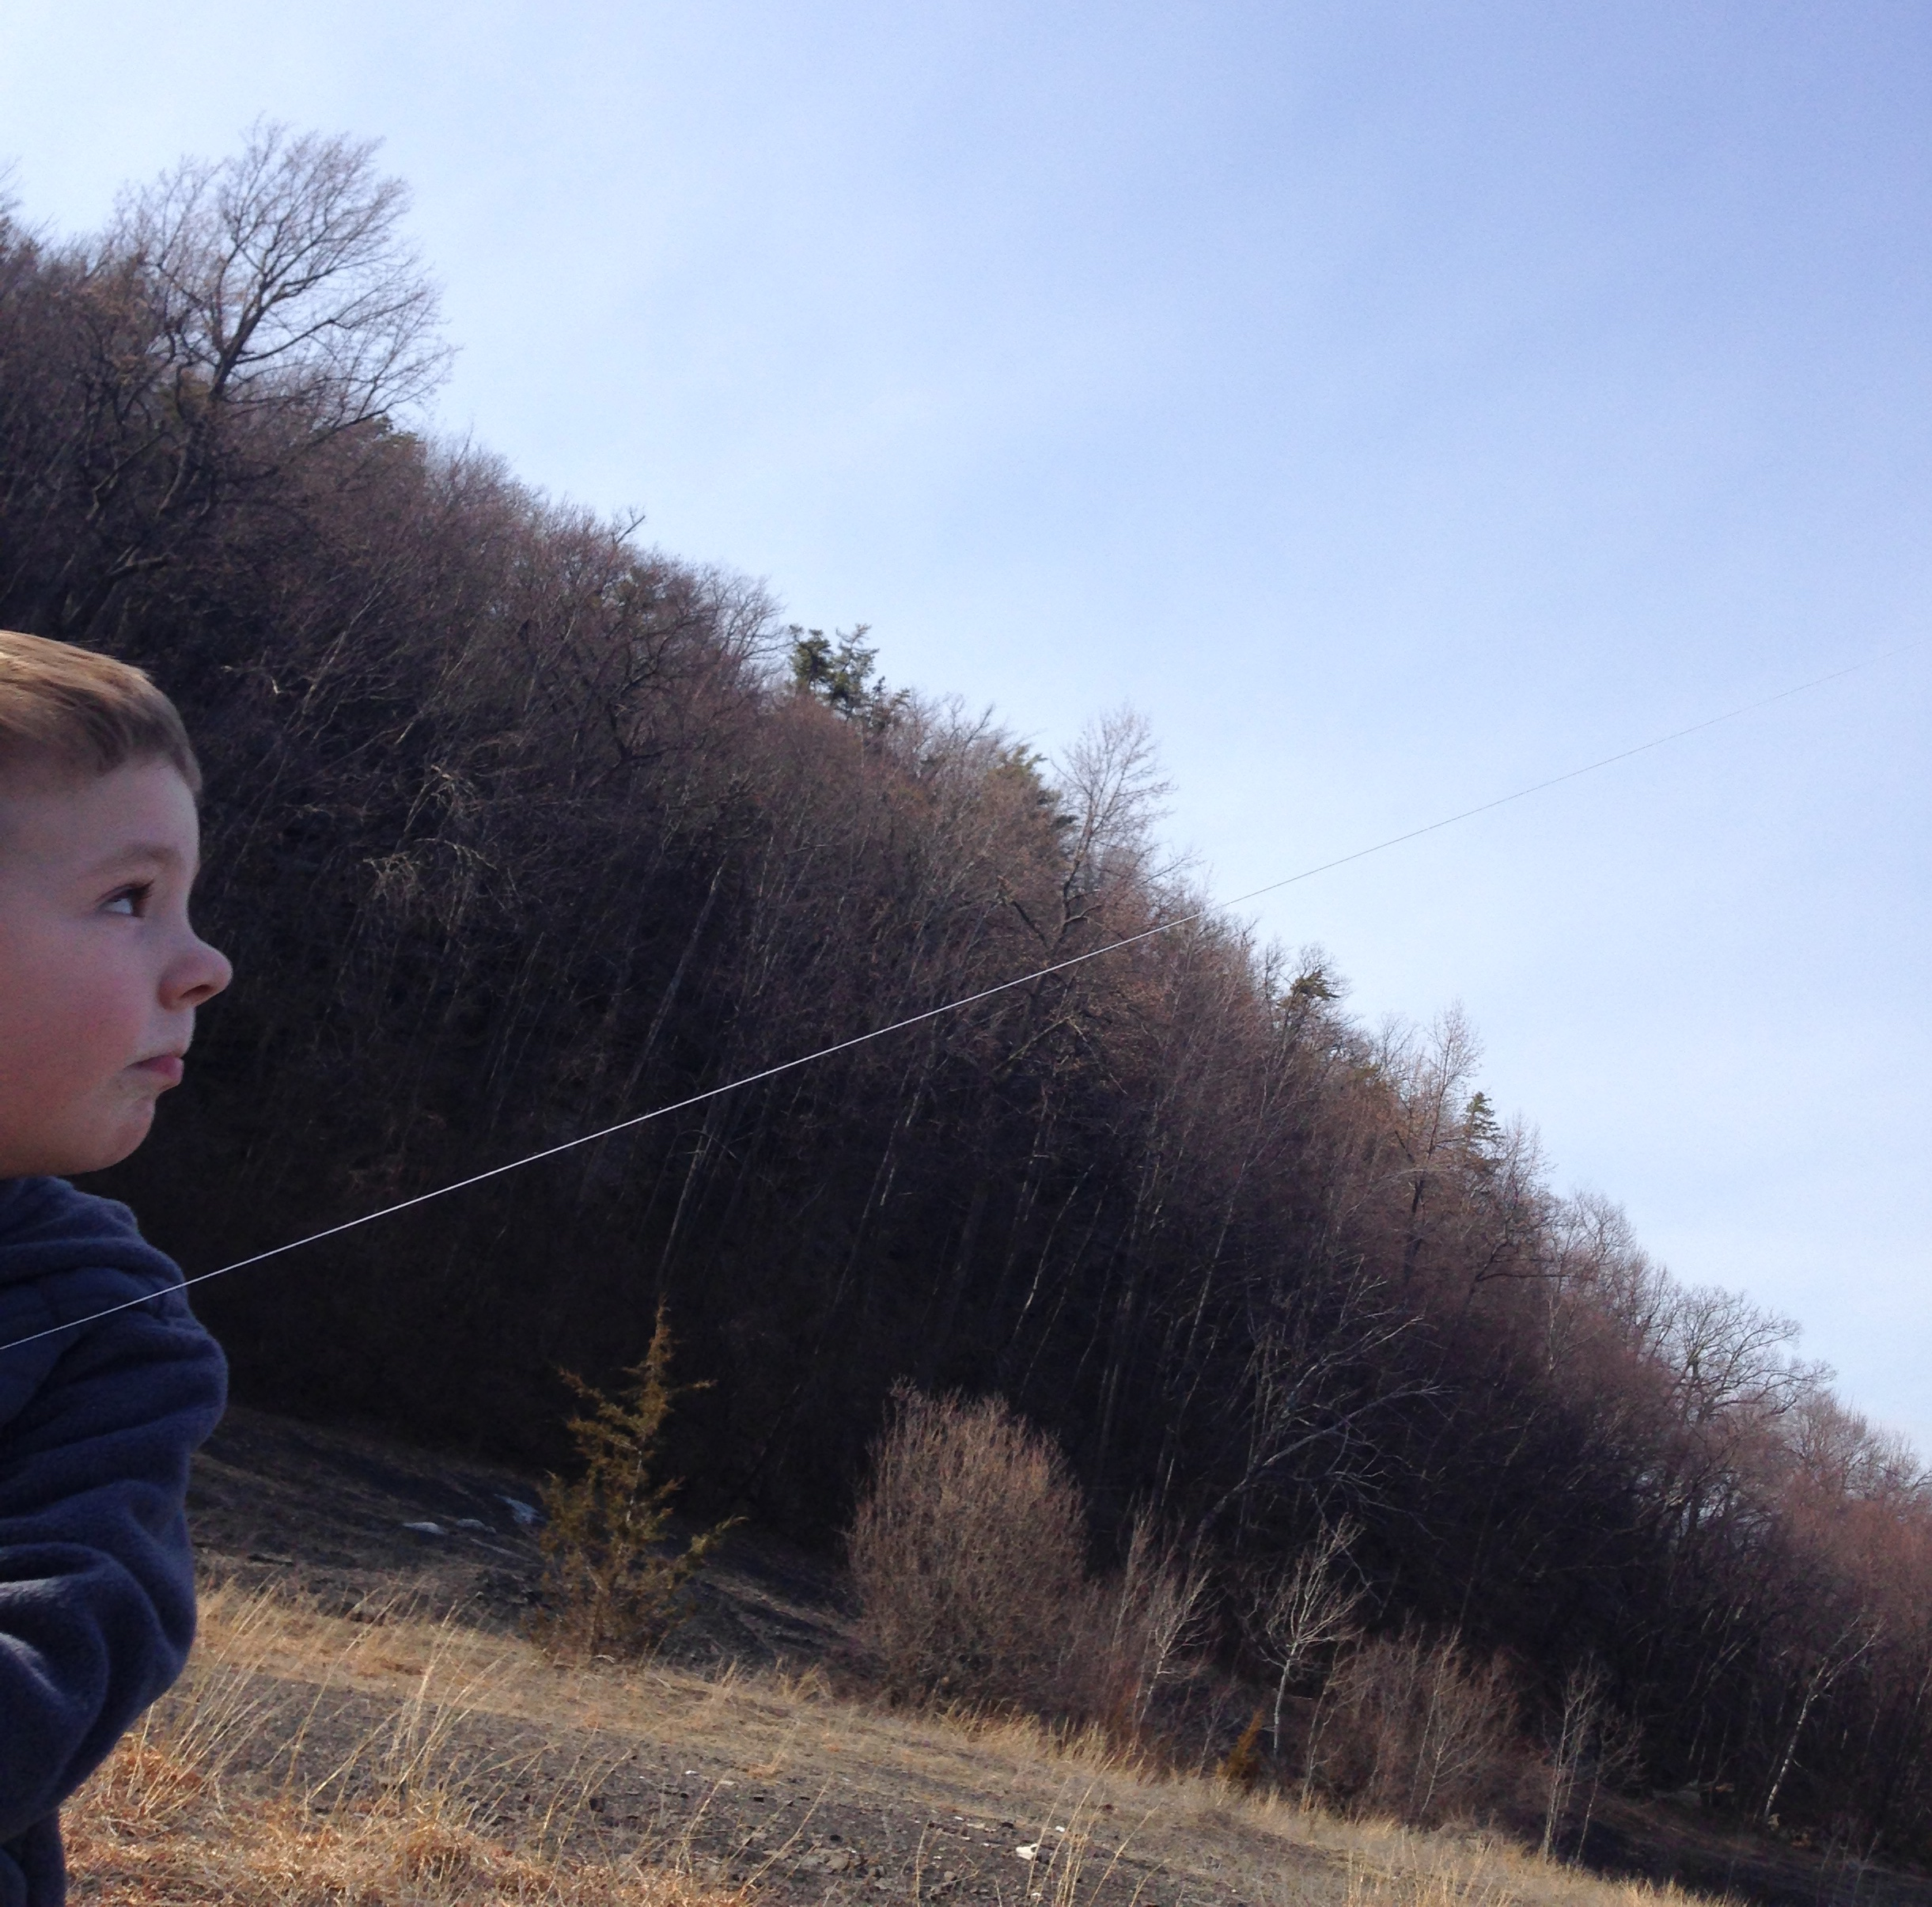 Finn Flying a kite